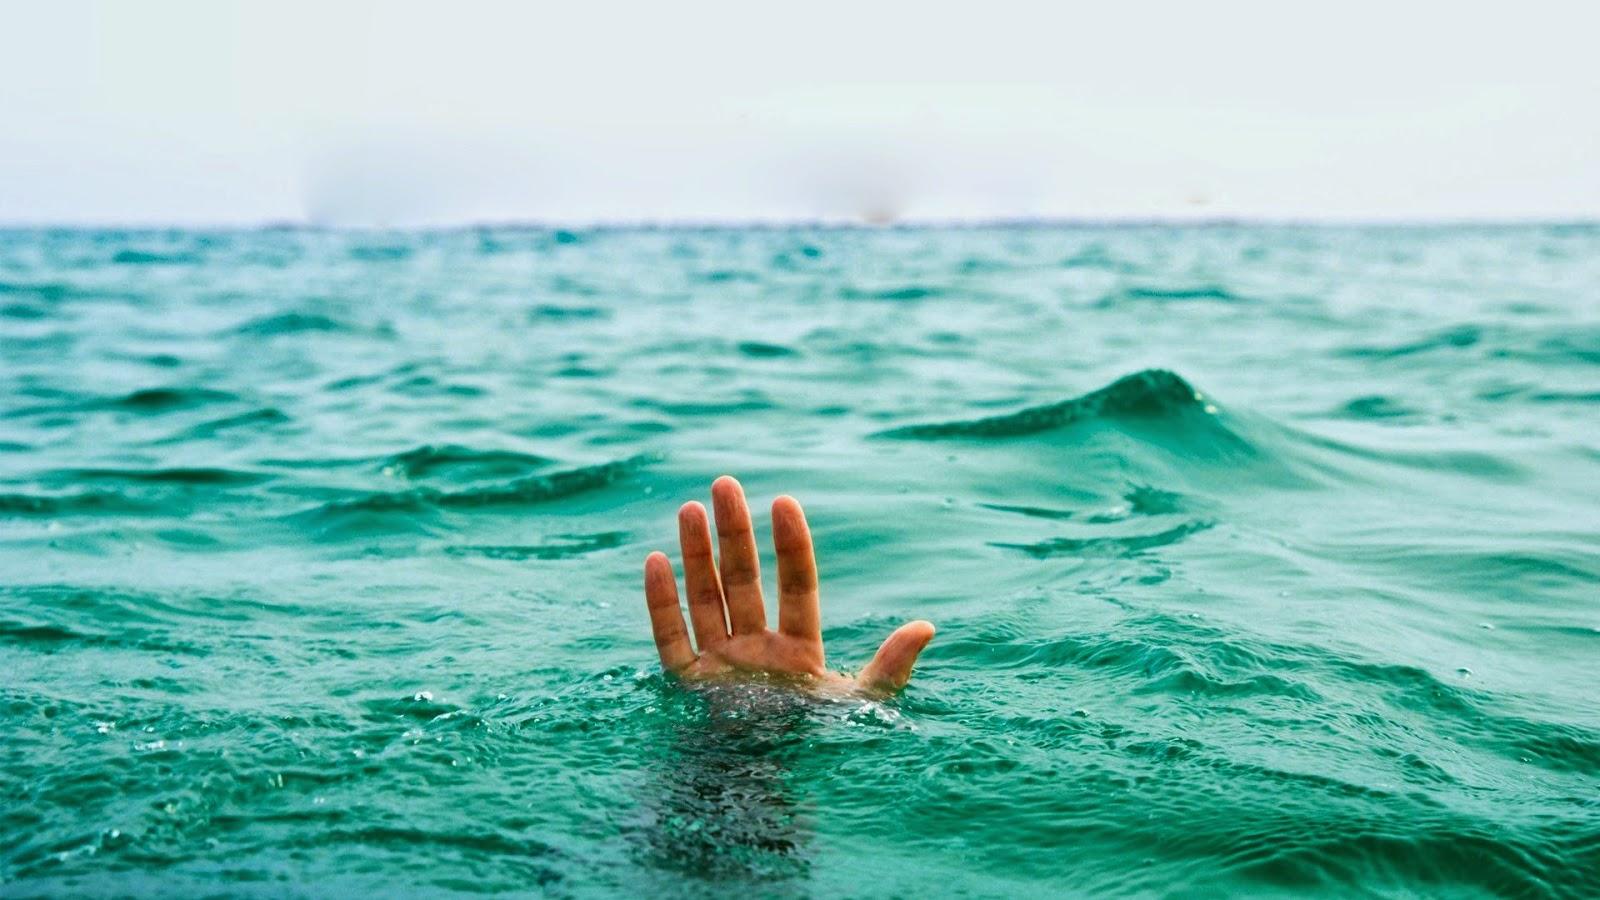 شخص يغرق